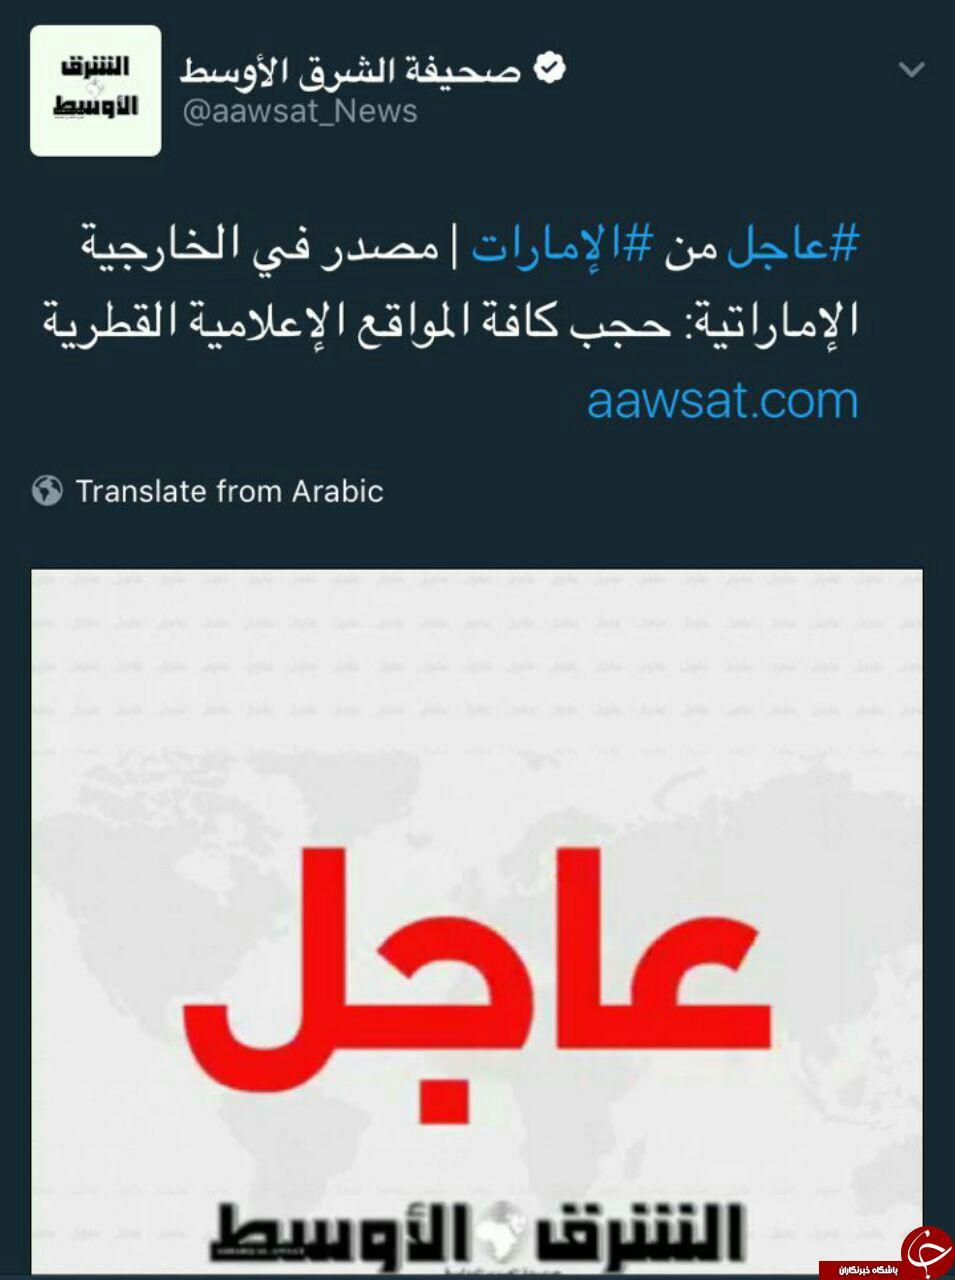 تمام سایت های رسانه ای قطر فیلتر شد!